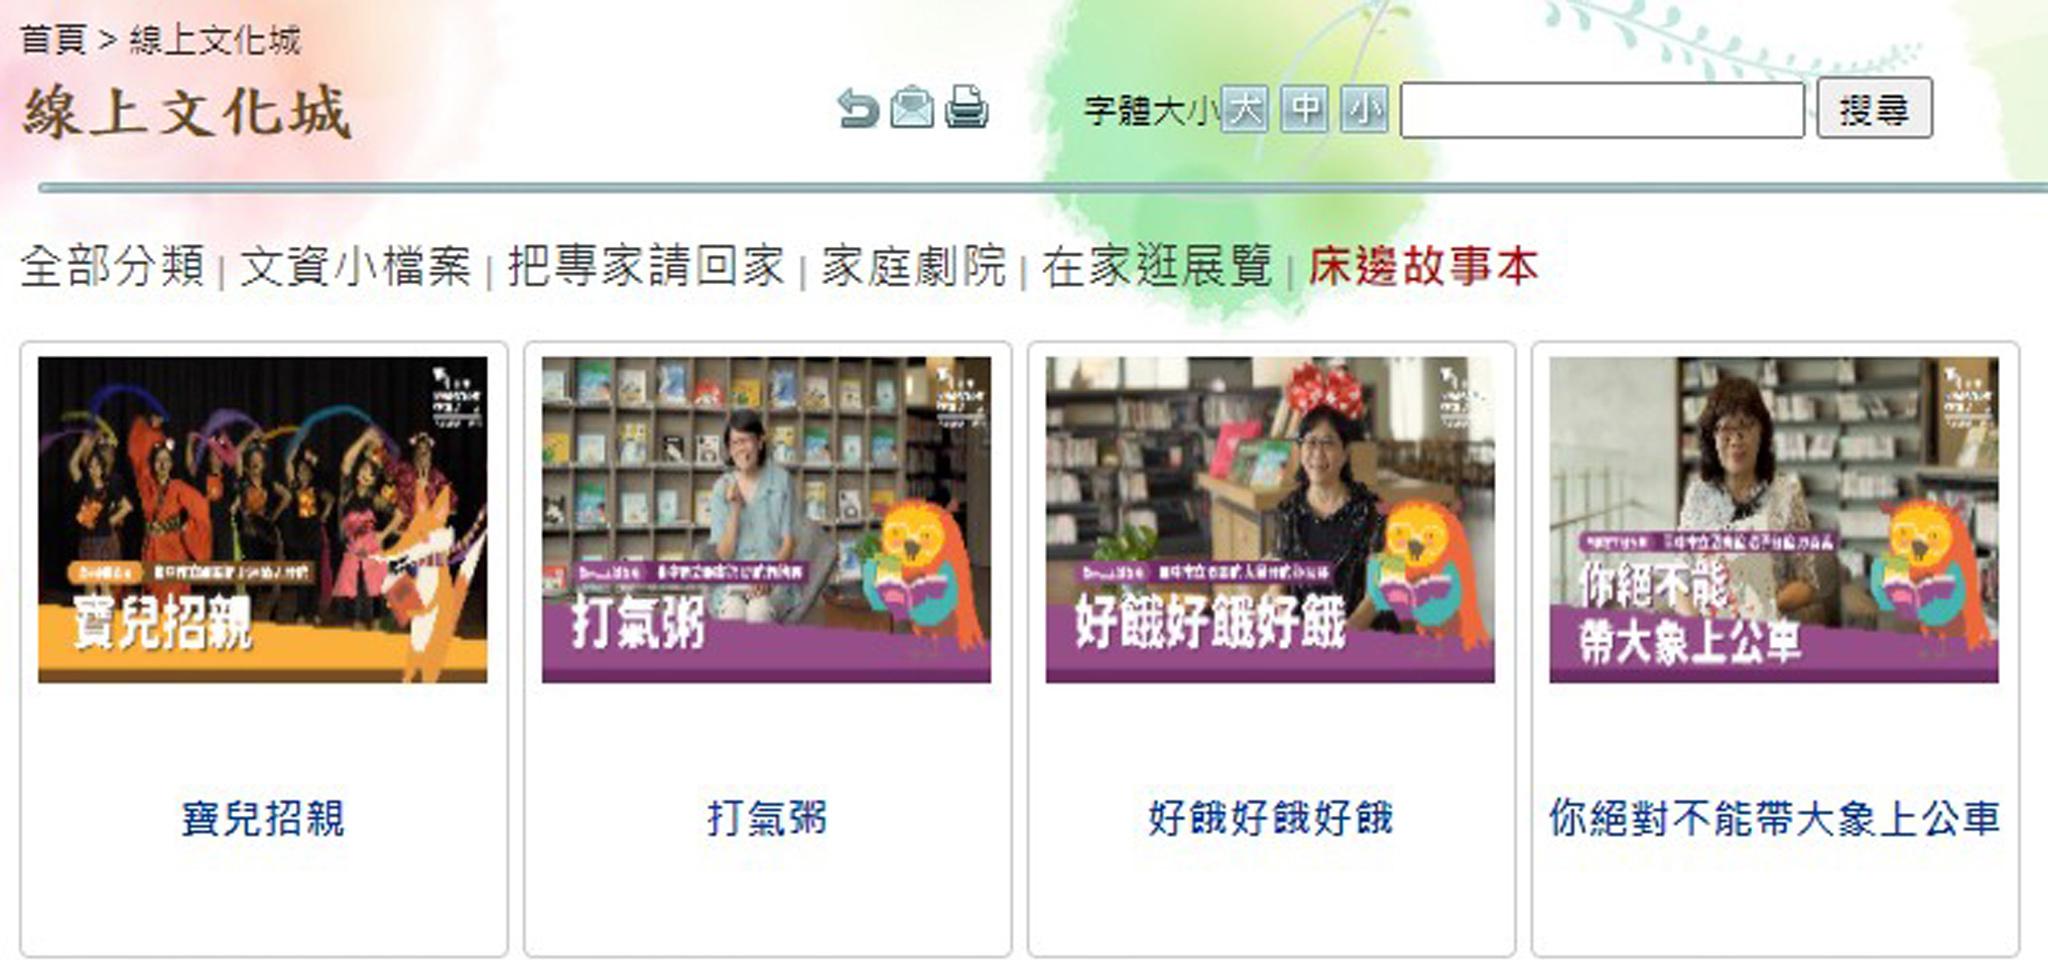 圖片擷取自台中市政府網站。